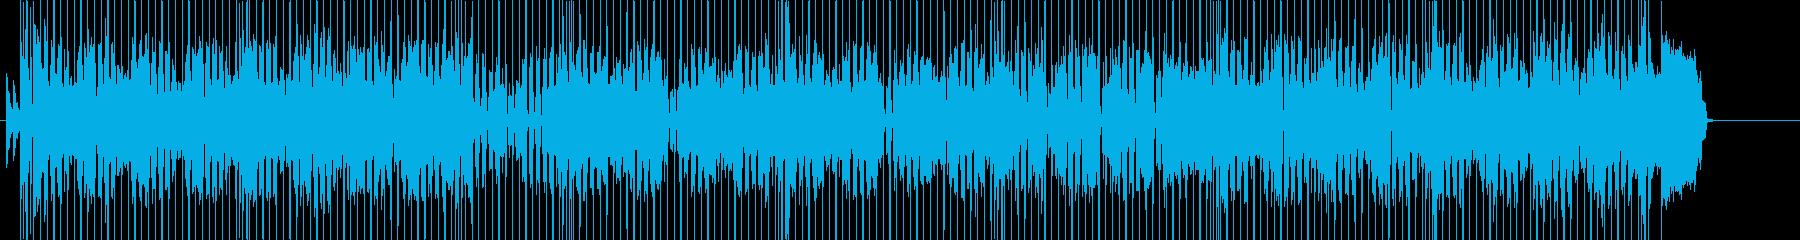 のんびりした日常系スカの再生済みの波形